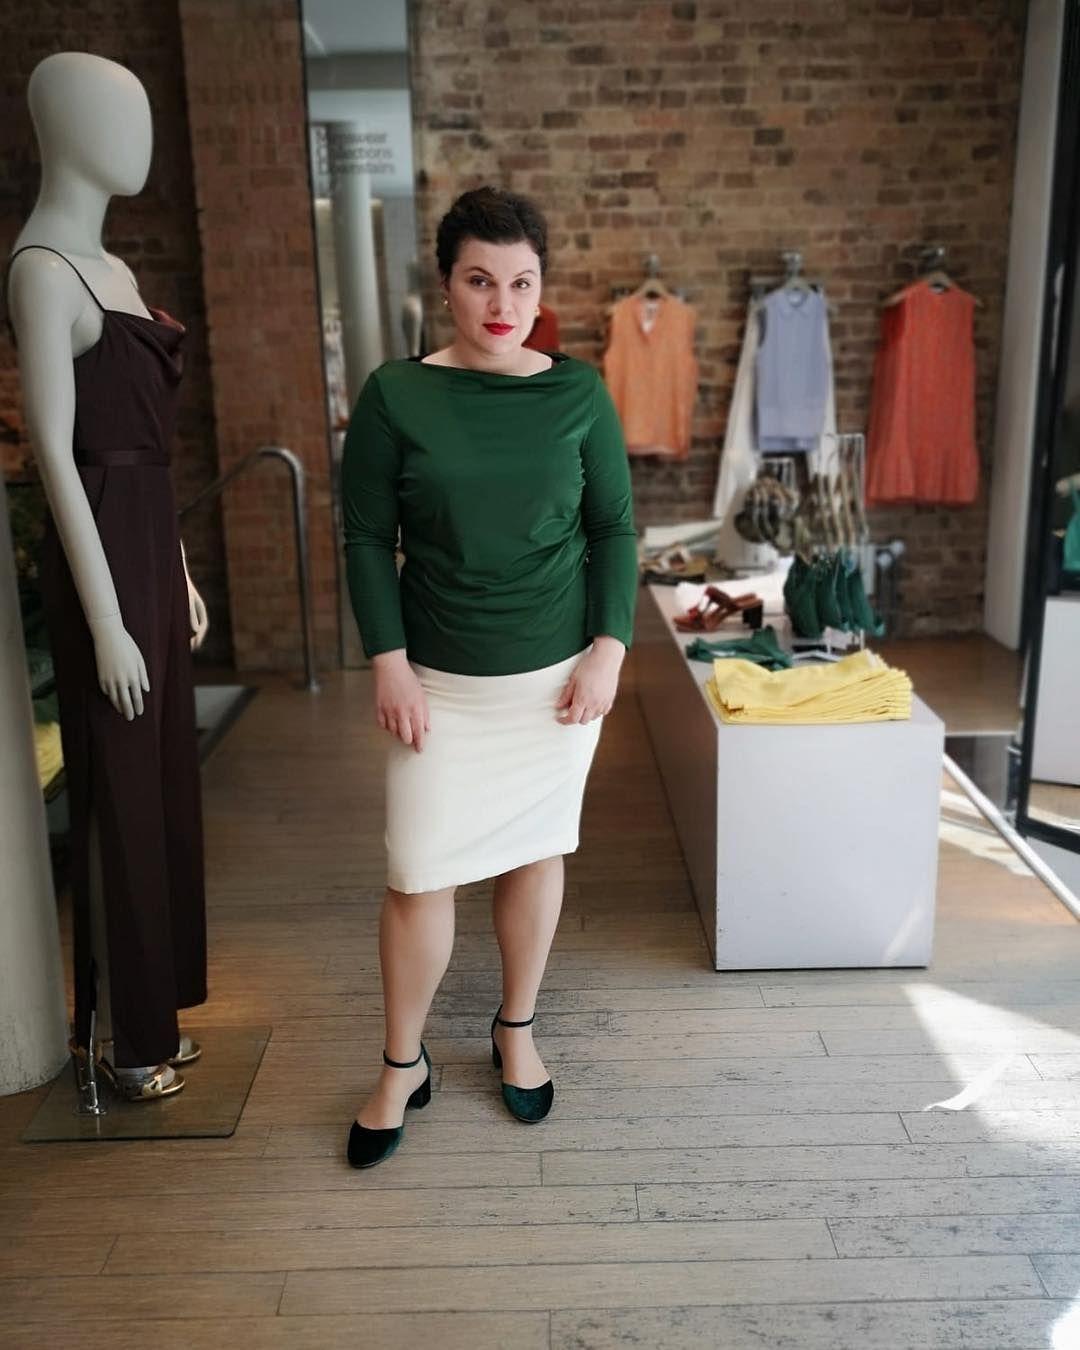 adaa5b93522 Me  reiss  reiss  lookbook  smartcasual  workwear  work  style  look ...